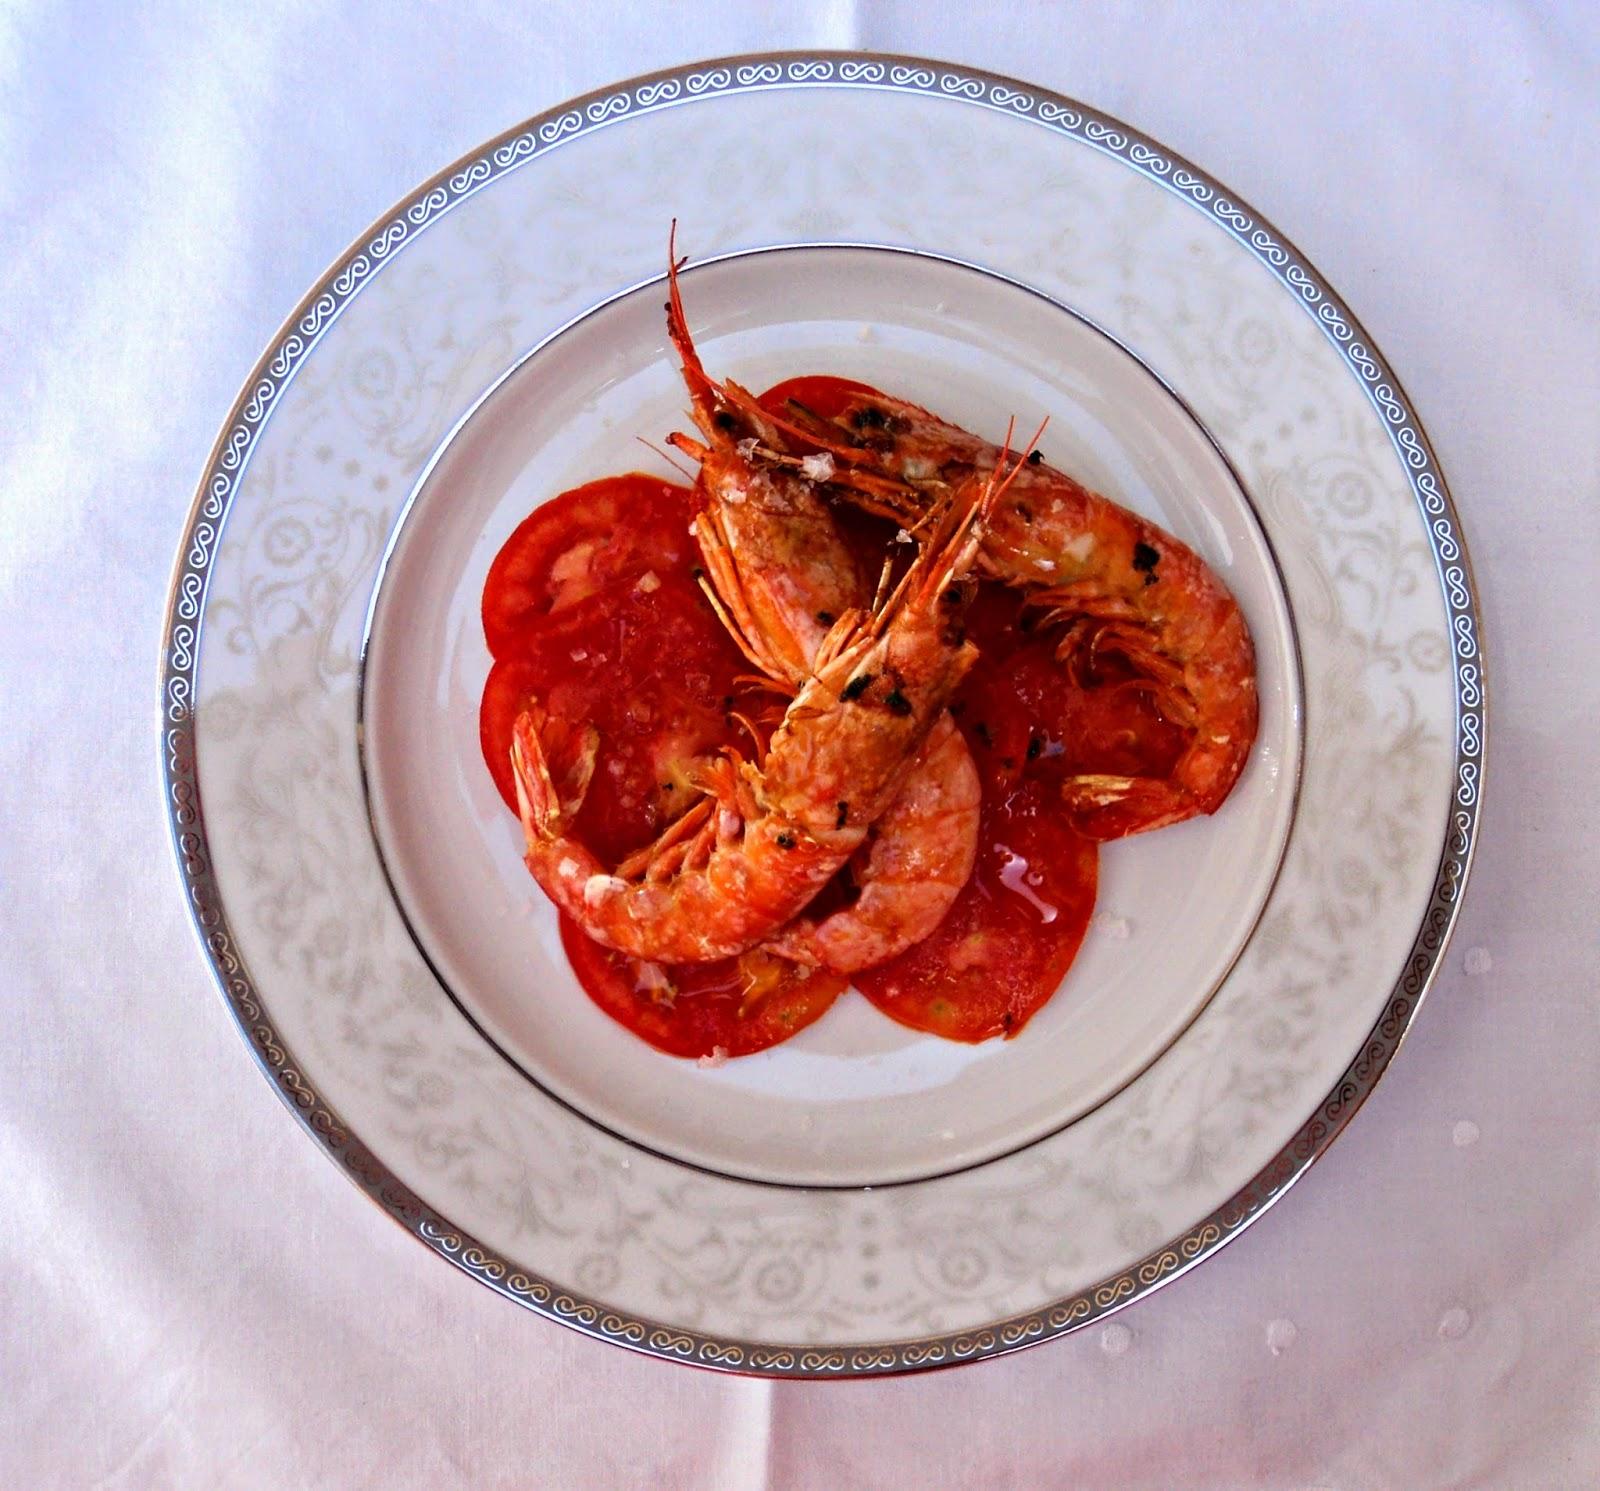 gambones-carpaccio-tomate-plato